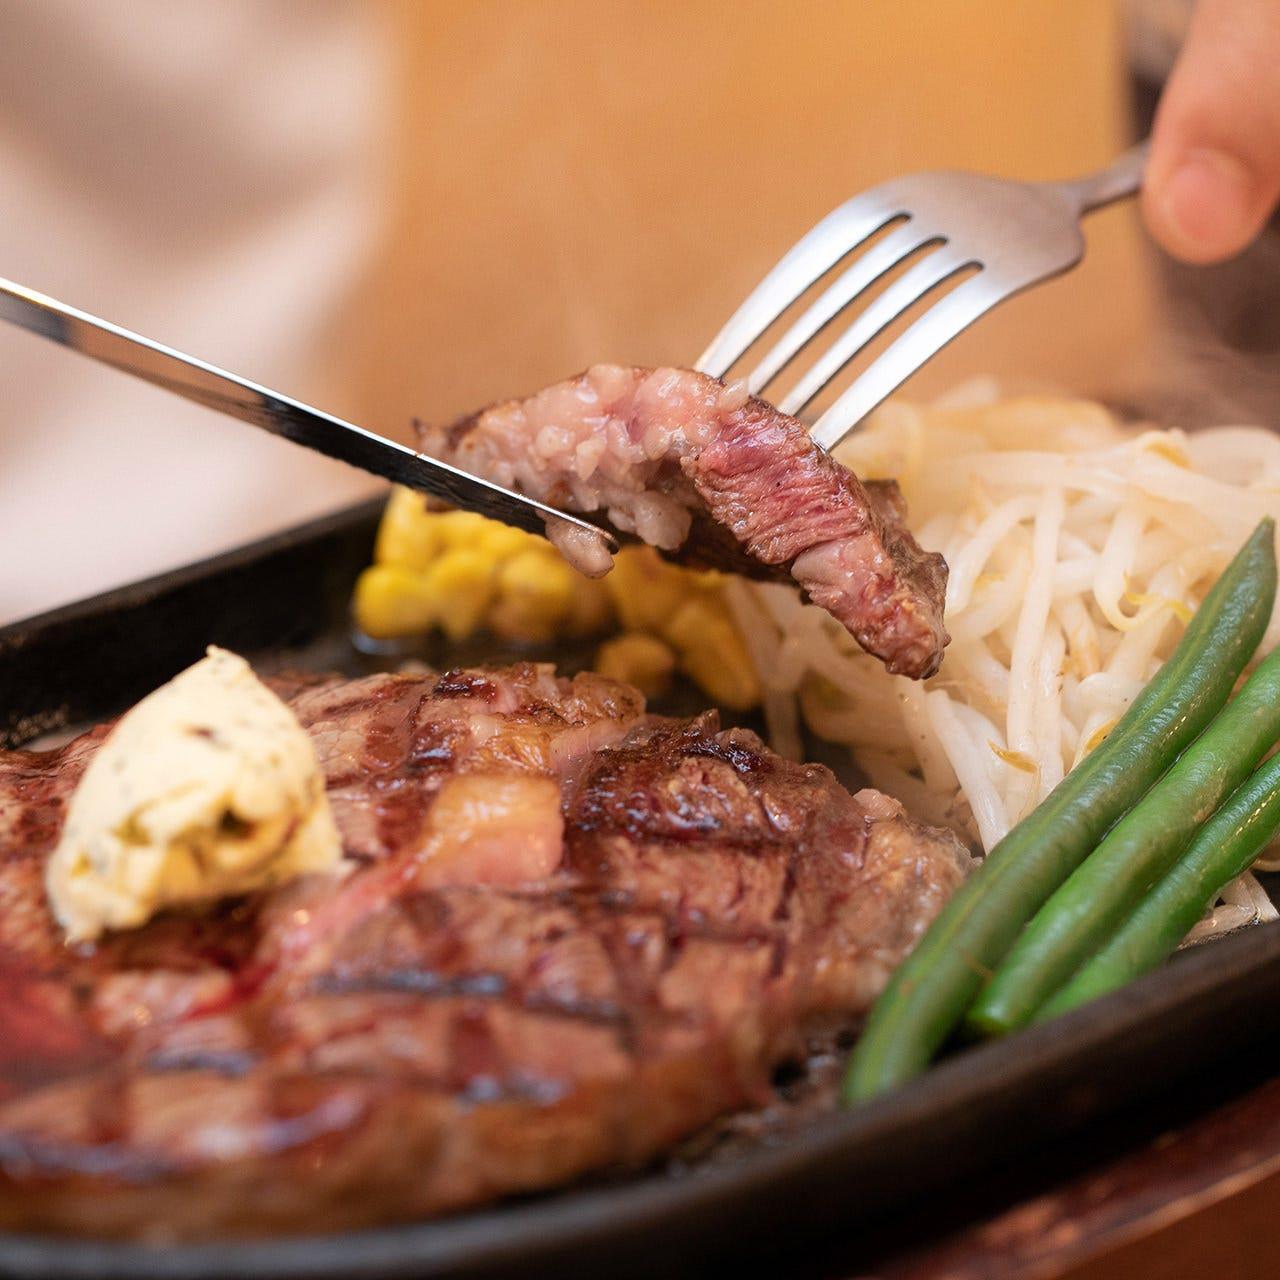 ジューシーで旨みたっぷり♪肉のプロによる上質なステーキ